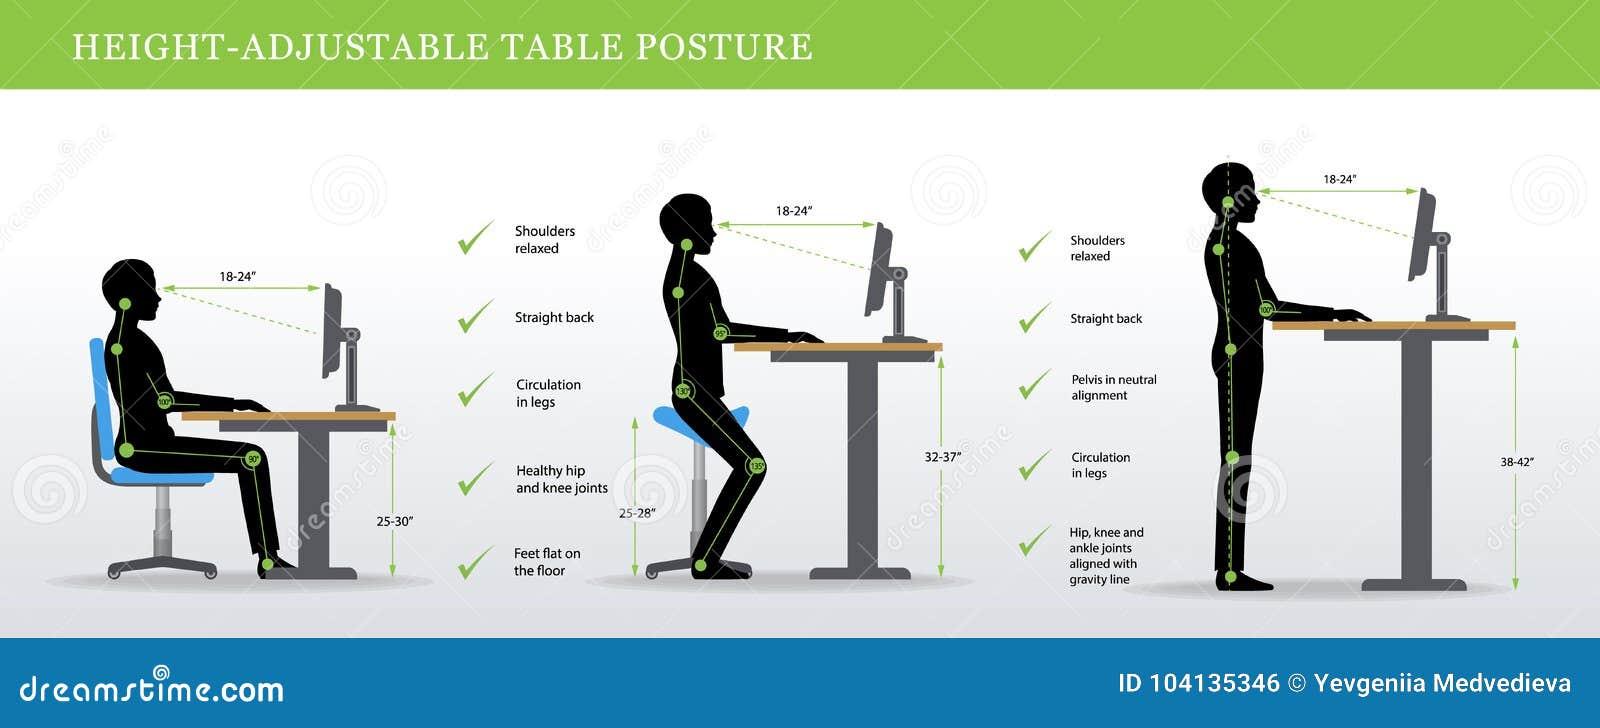 Posturas correctas para la altura ajustable y los escritorios derechos